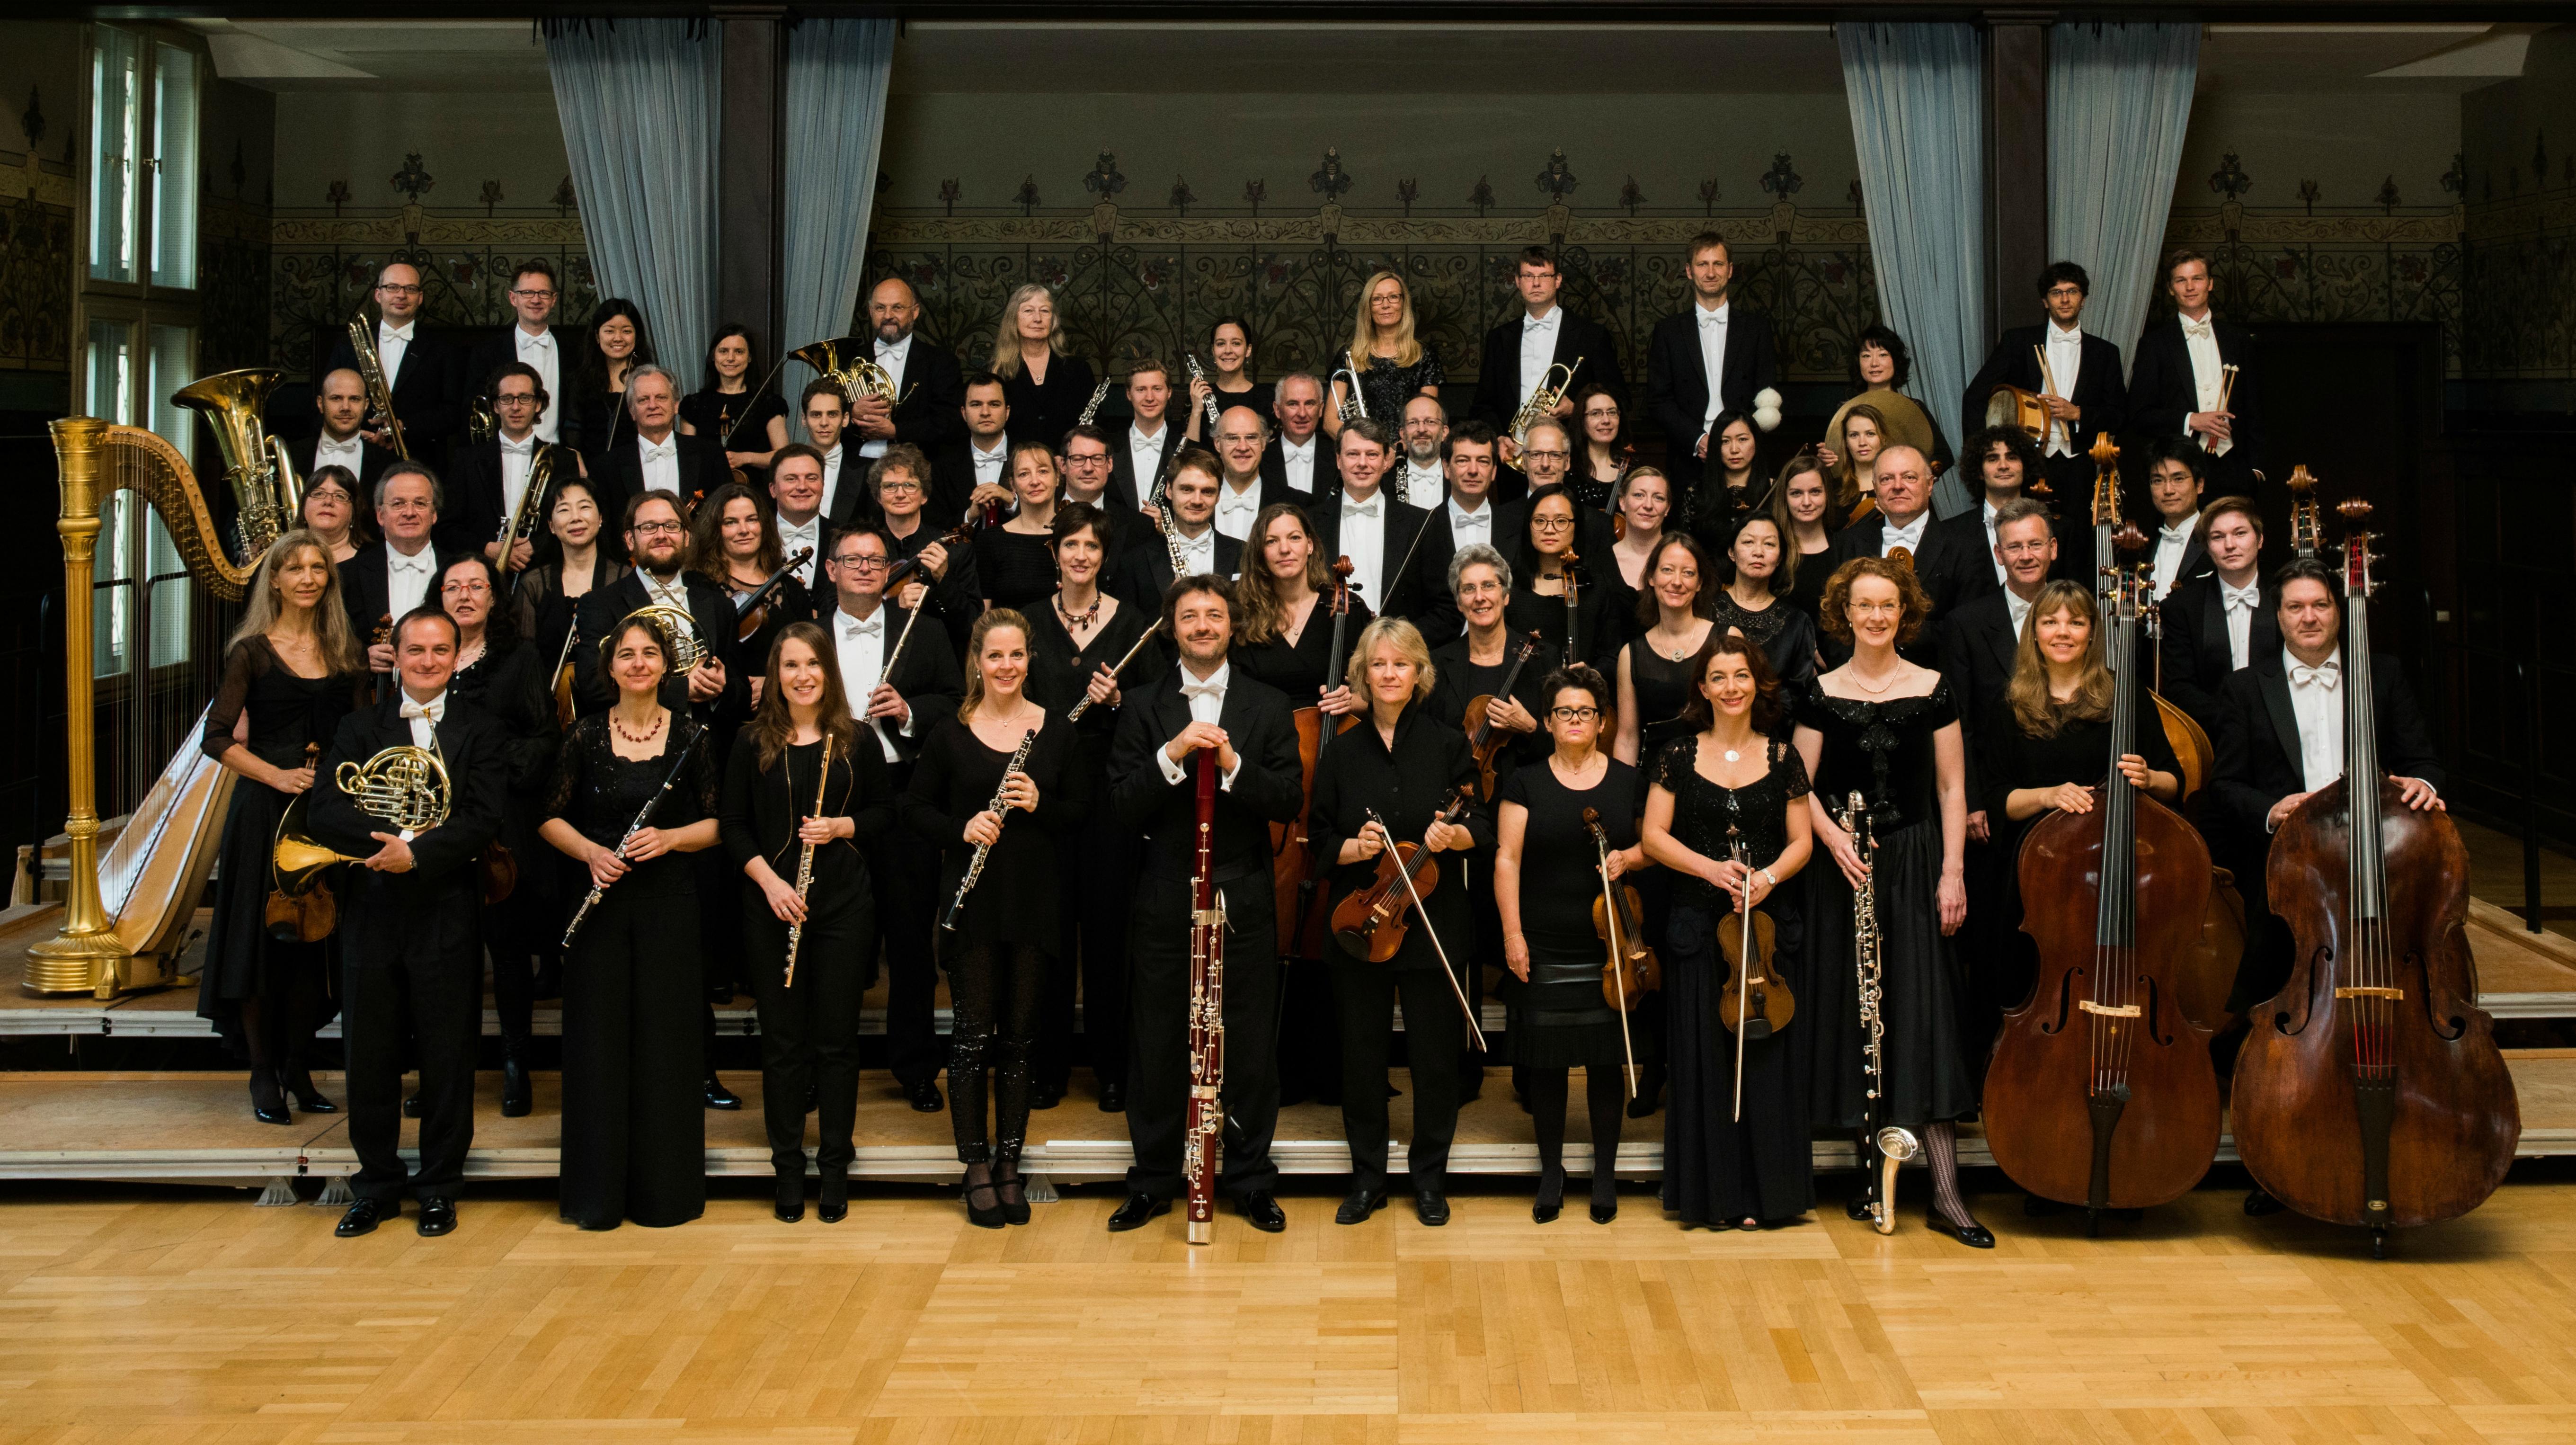 Staatsorchester Rheinische Philharmonie Koblenz